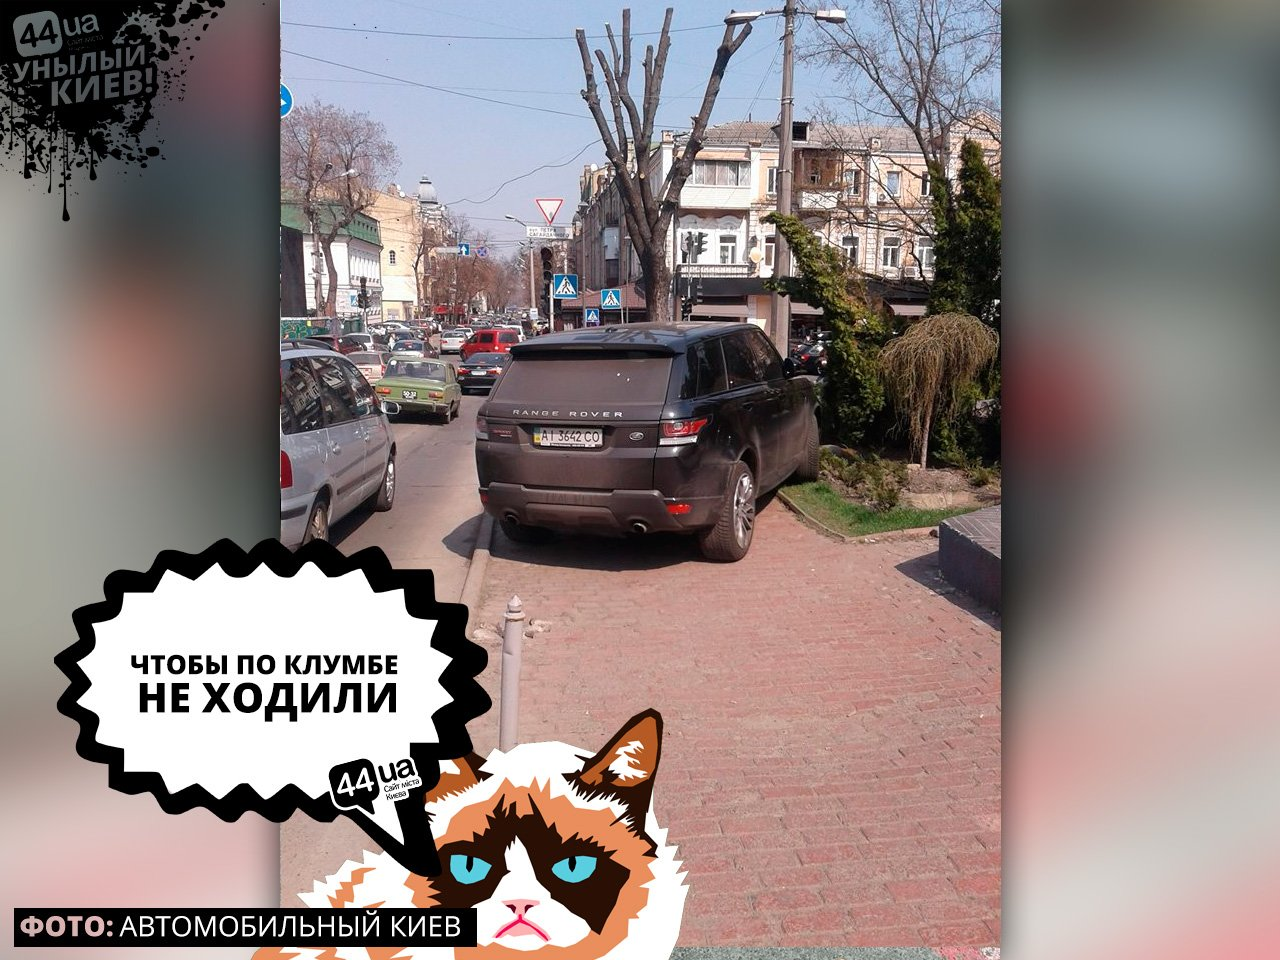 Унылый Киев: ТОП-7 героев парковки, живущих в столице, фото-6